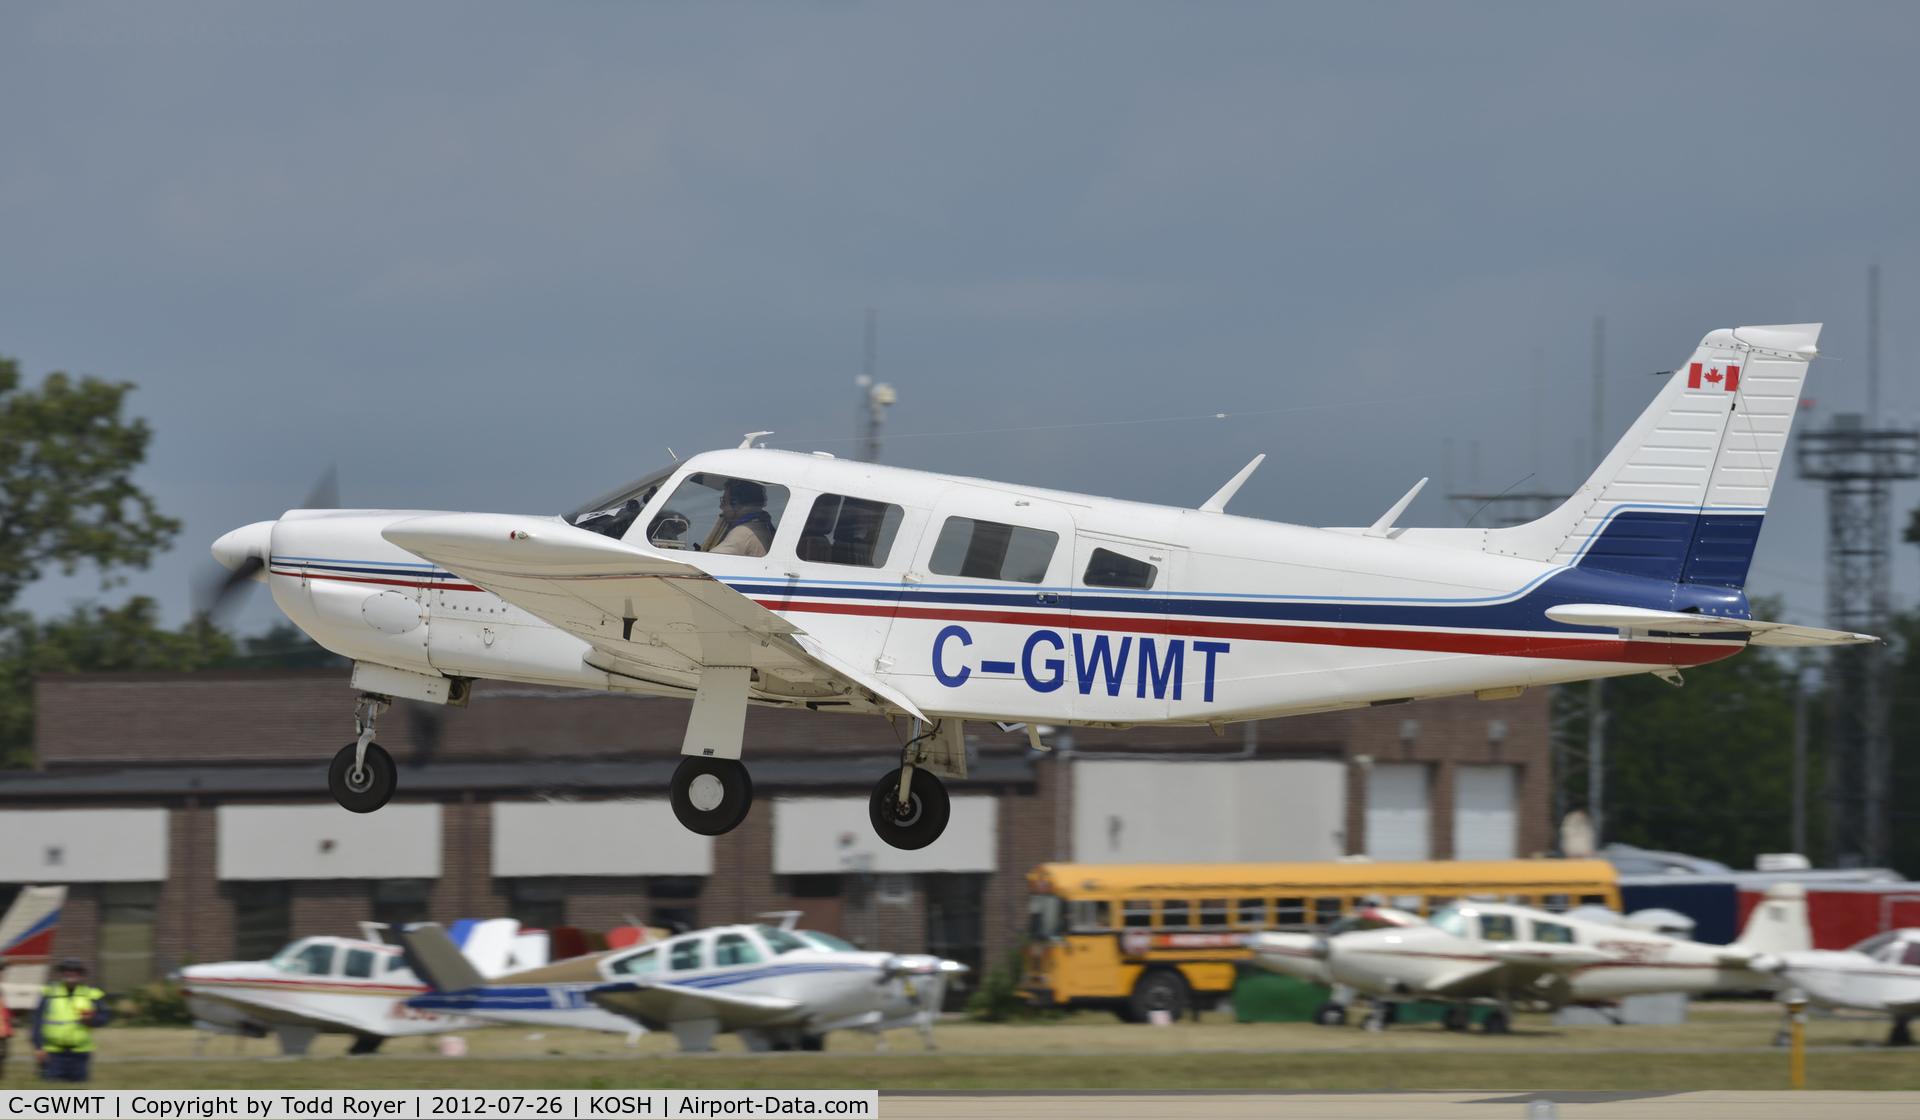 C-GWMT, 1976 Piper PA-32R-300 Cherokee Lance C/N 32R-7680100, Departing Airventure on rwy 27